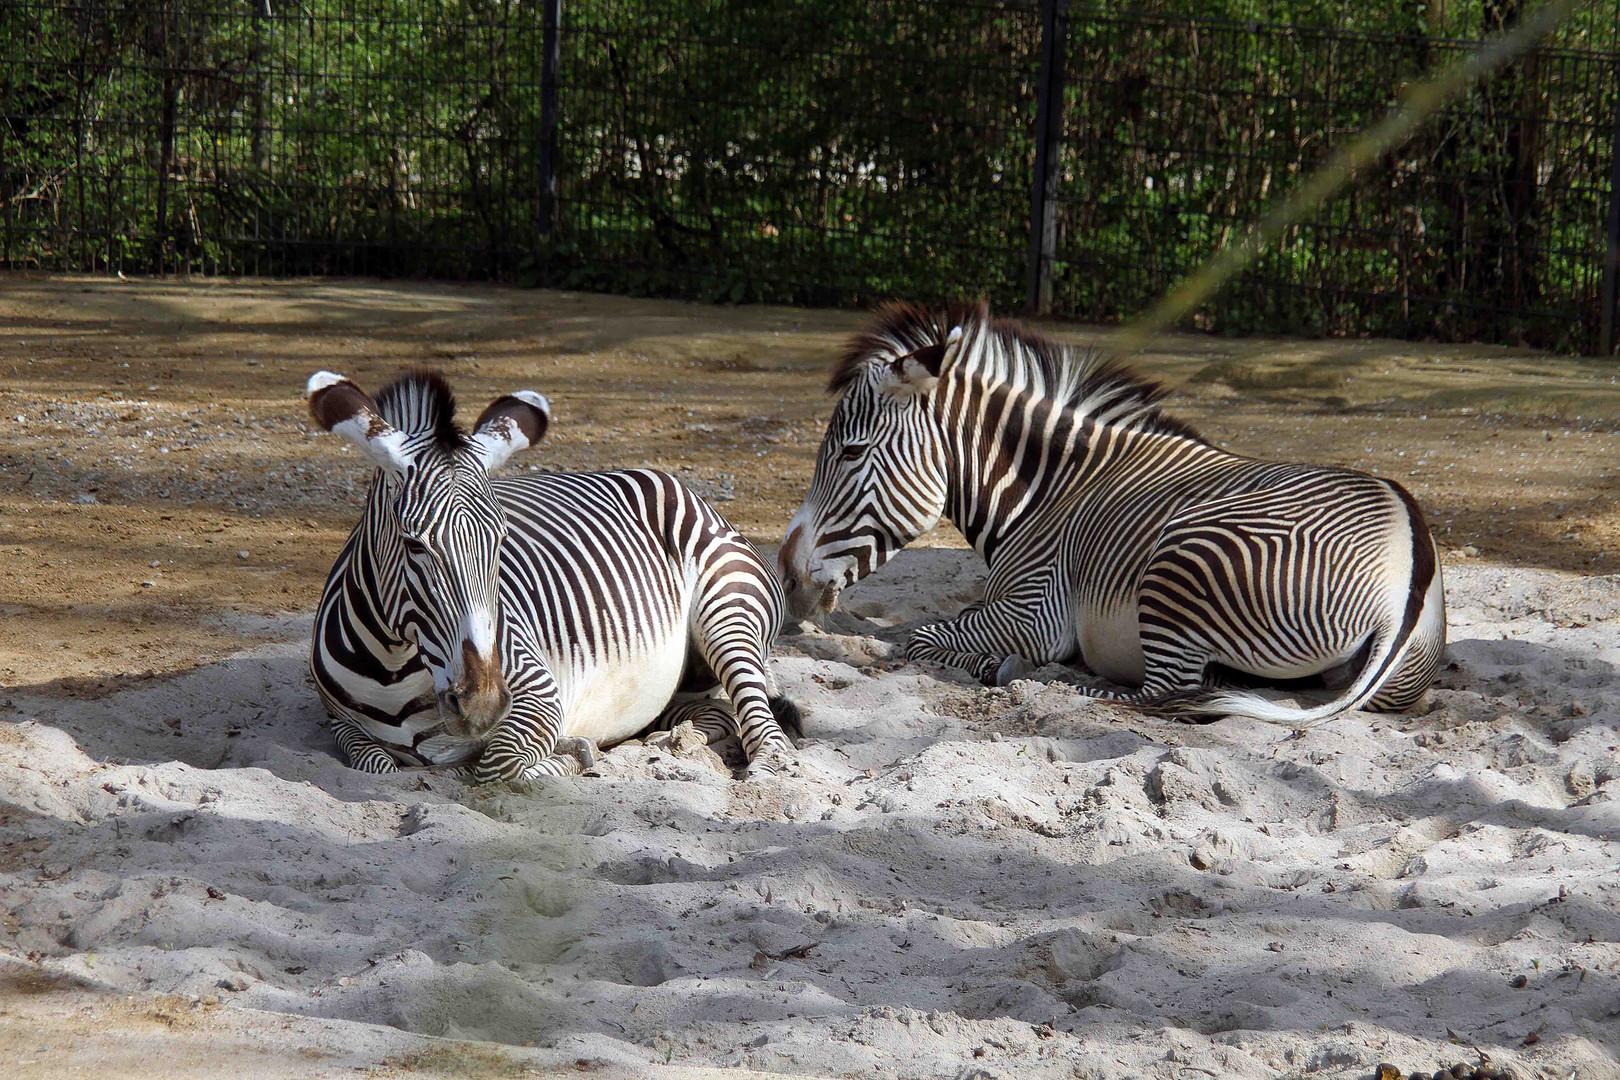 Liegende Zebras in der Abendsonne